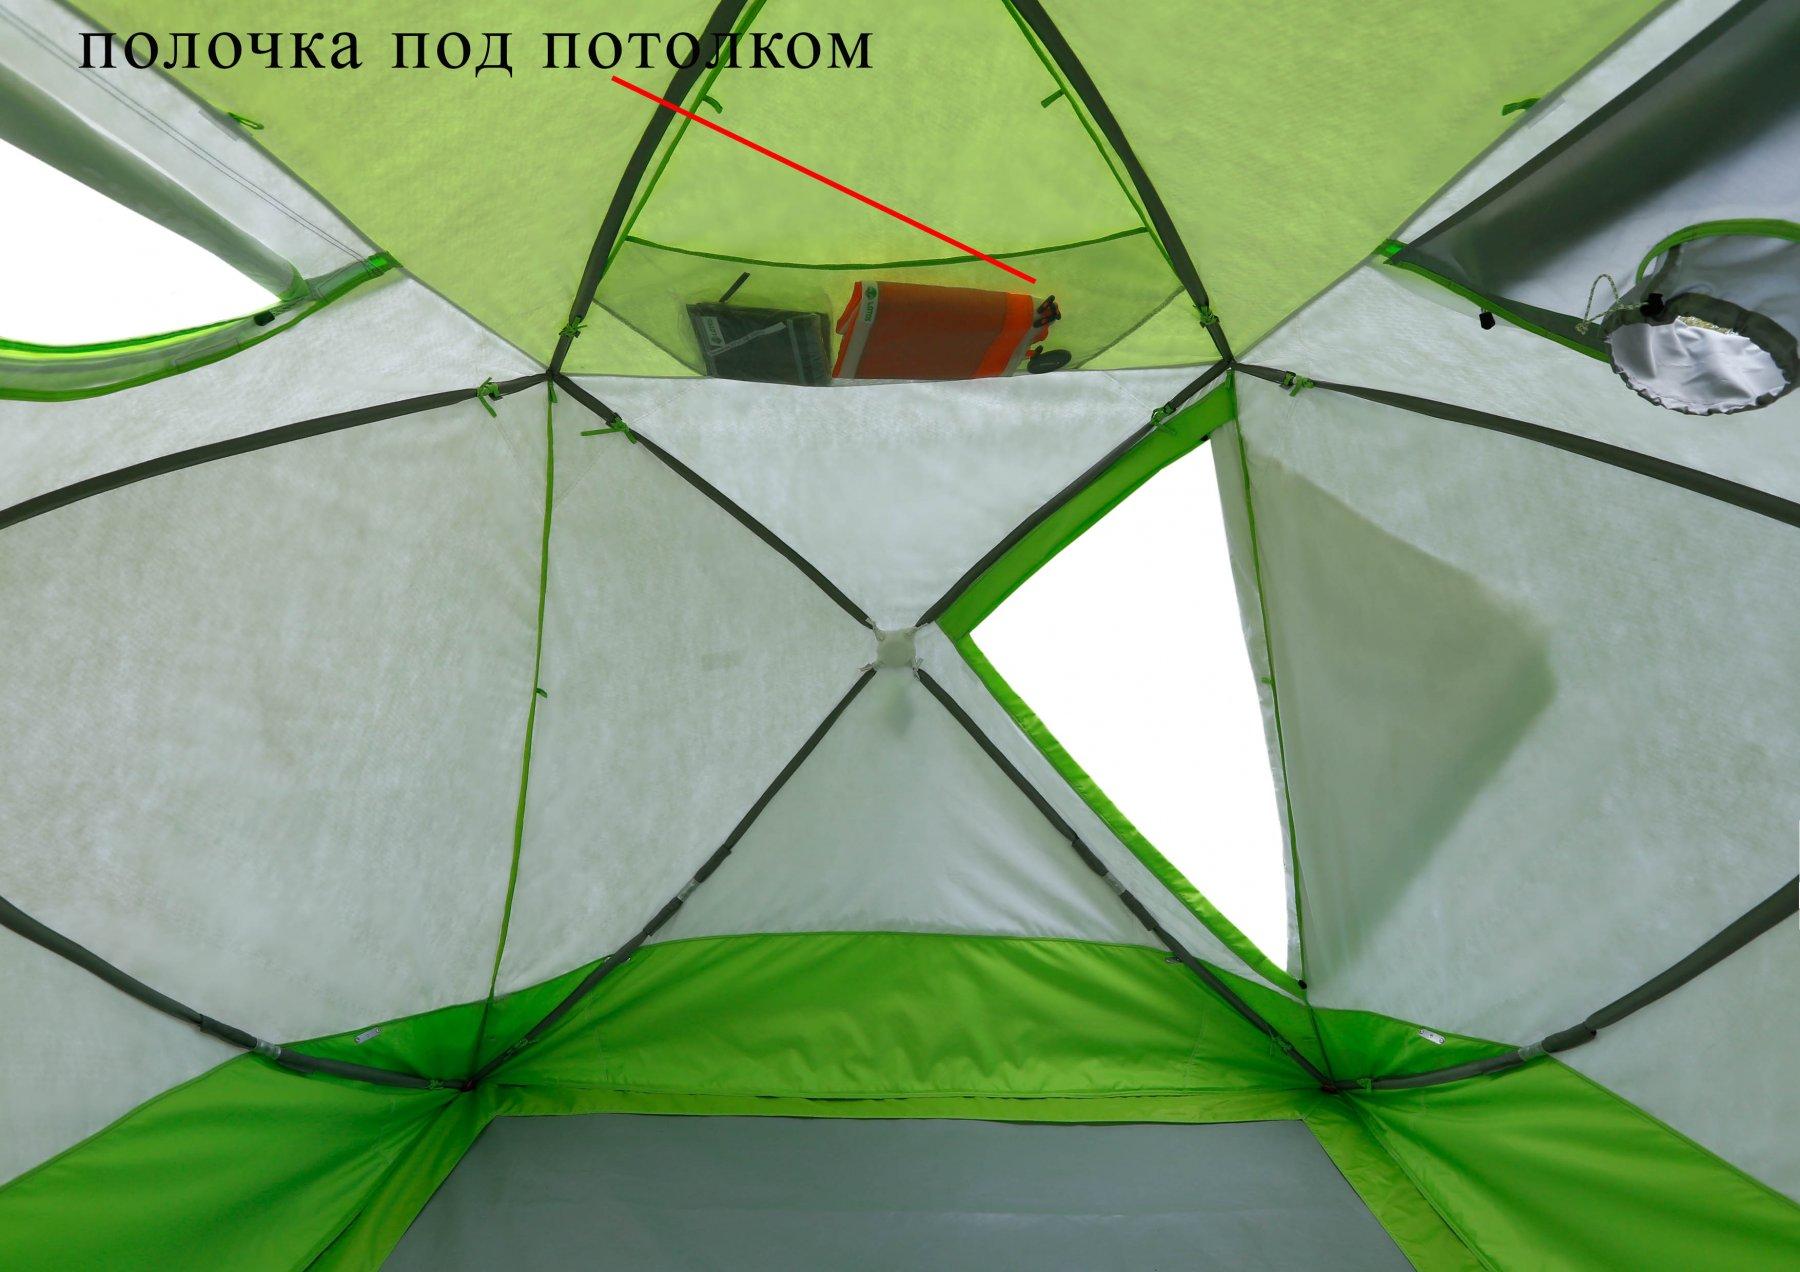 Утепленная палатка ЛОТОС Куб 4 Компакт Термо (лонг) с системой компактного сложения (вид изнутри 3)